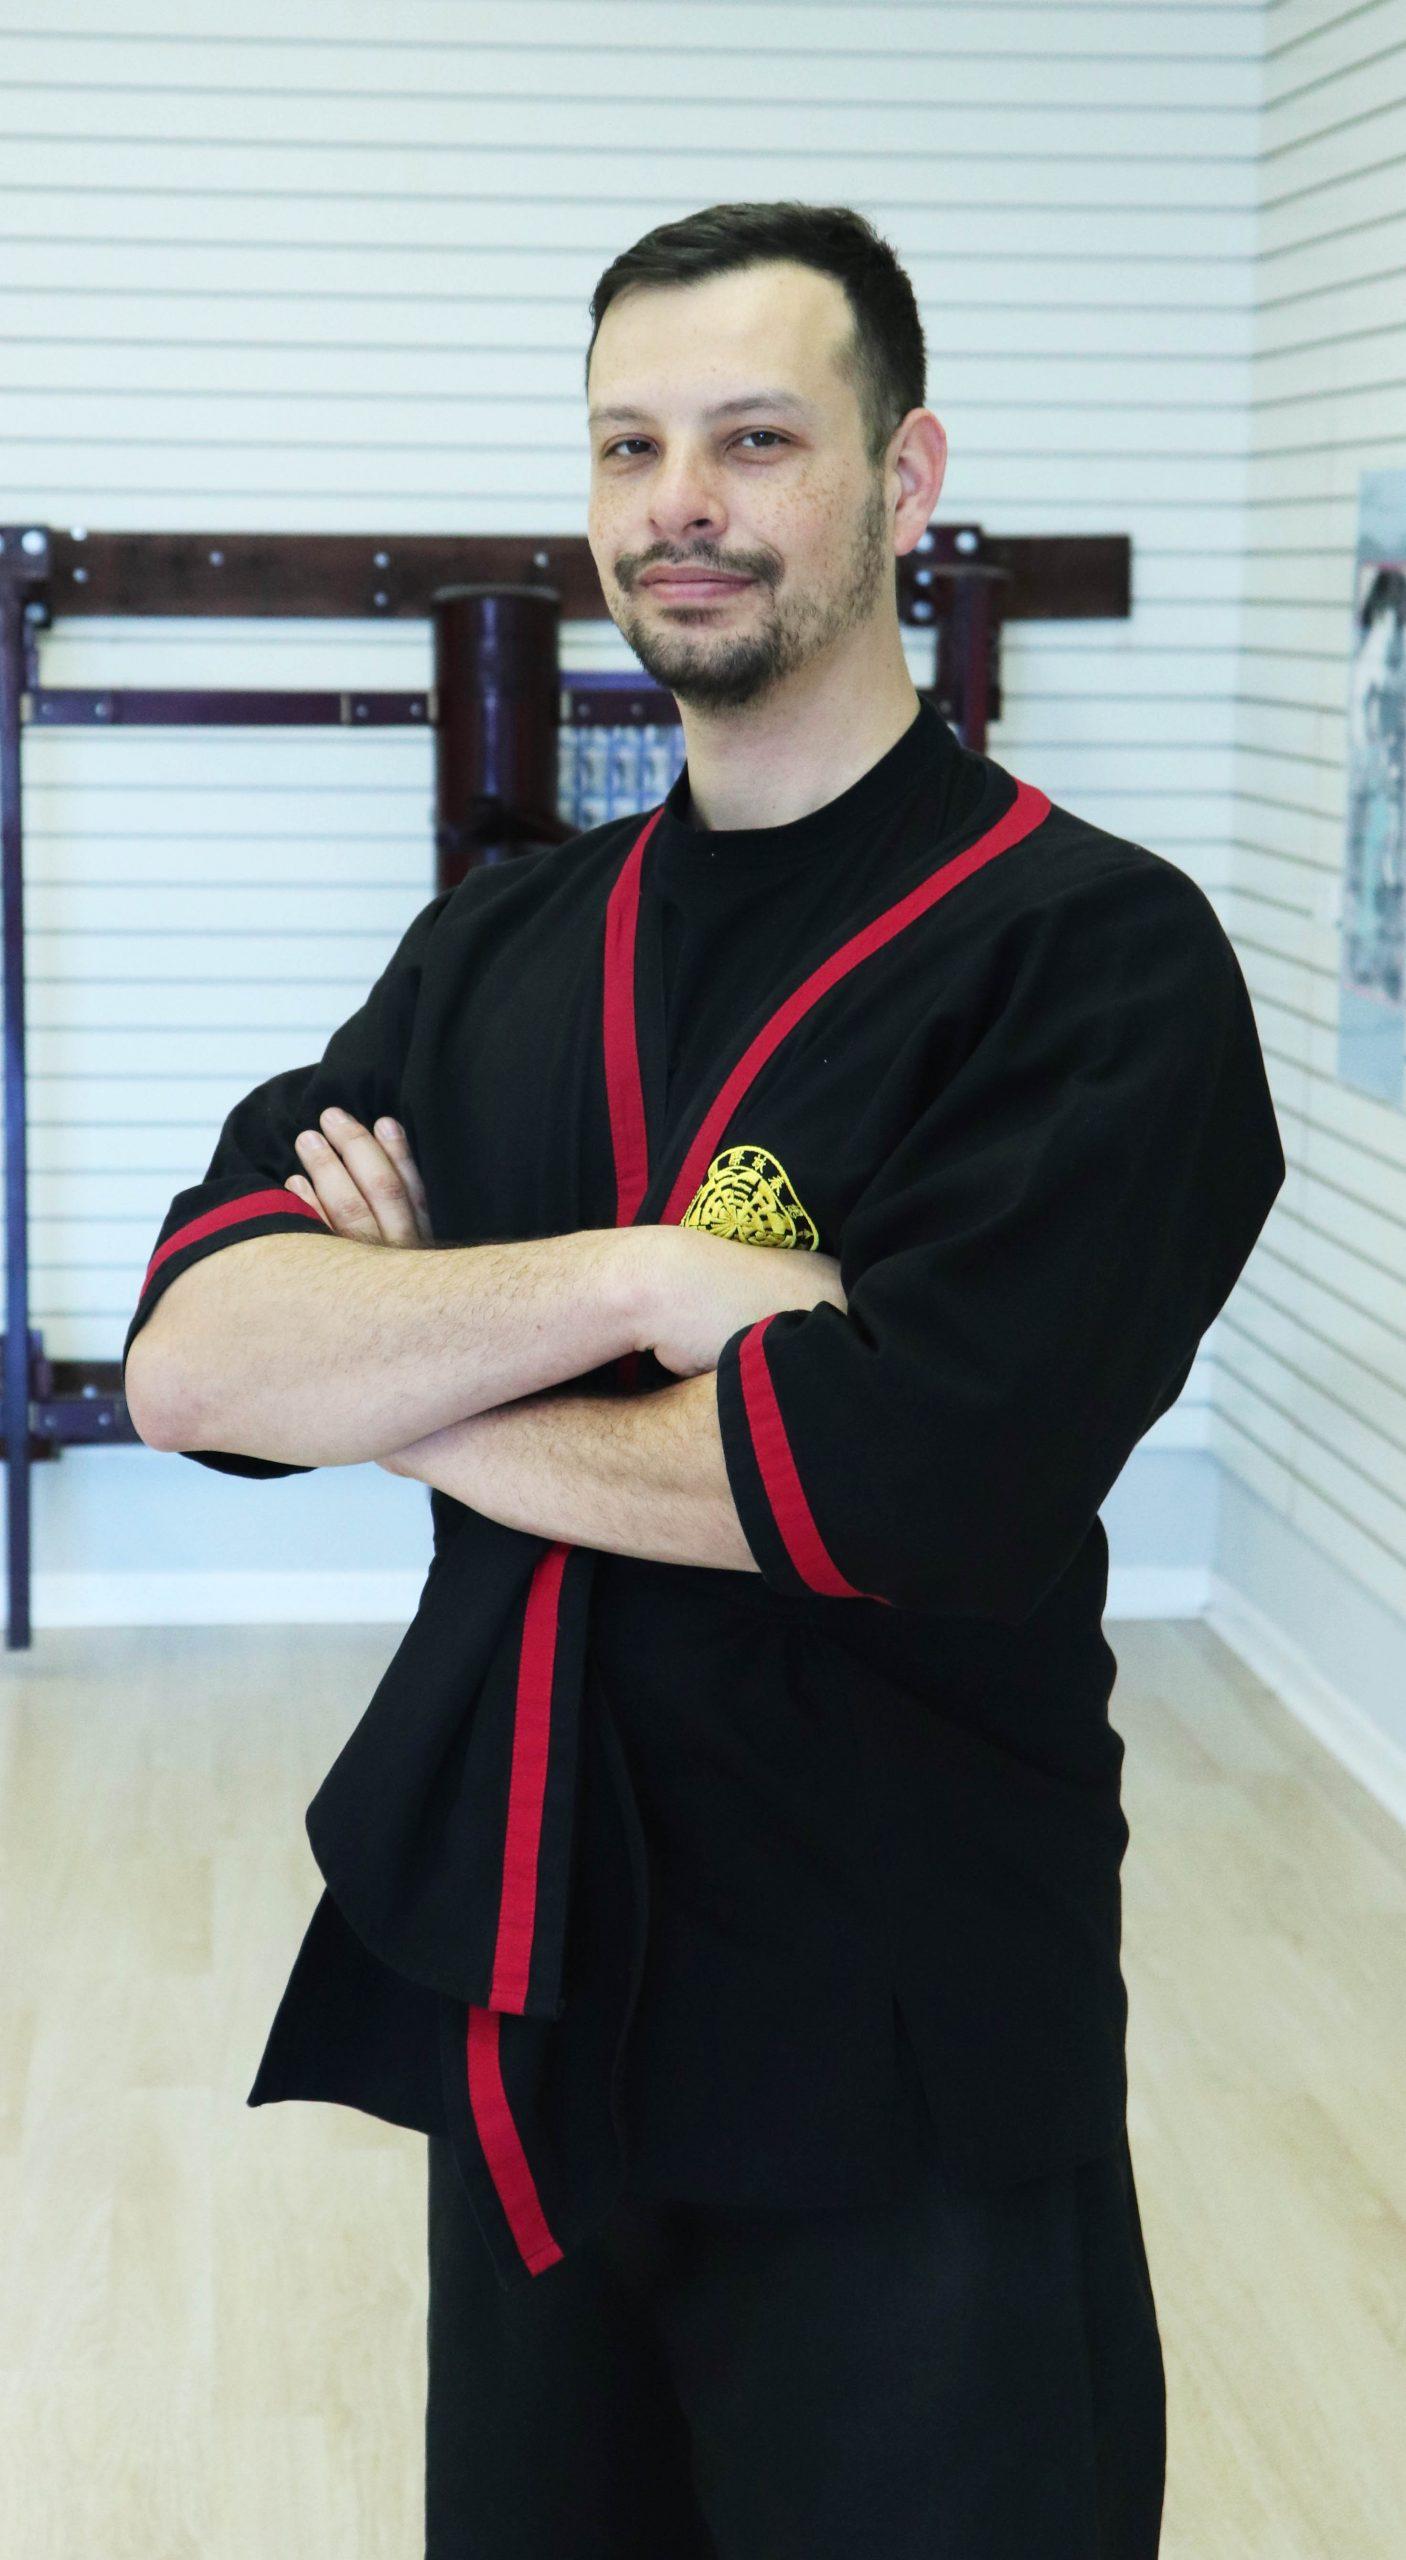 Sifu Eric Galicia